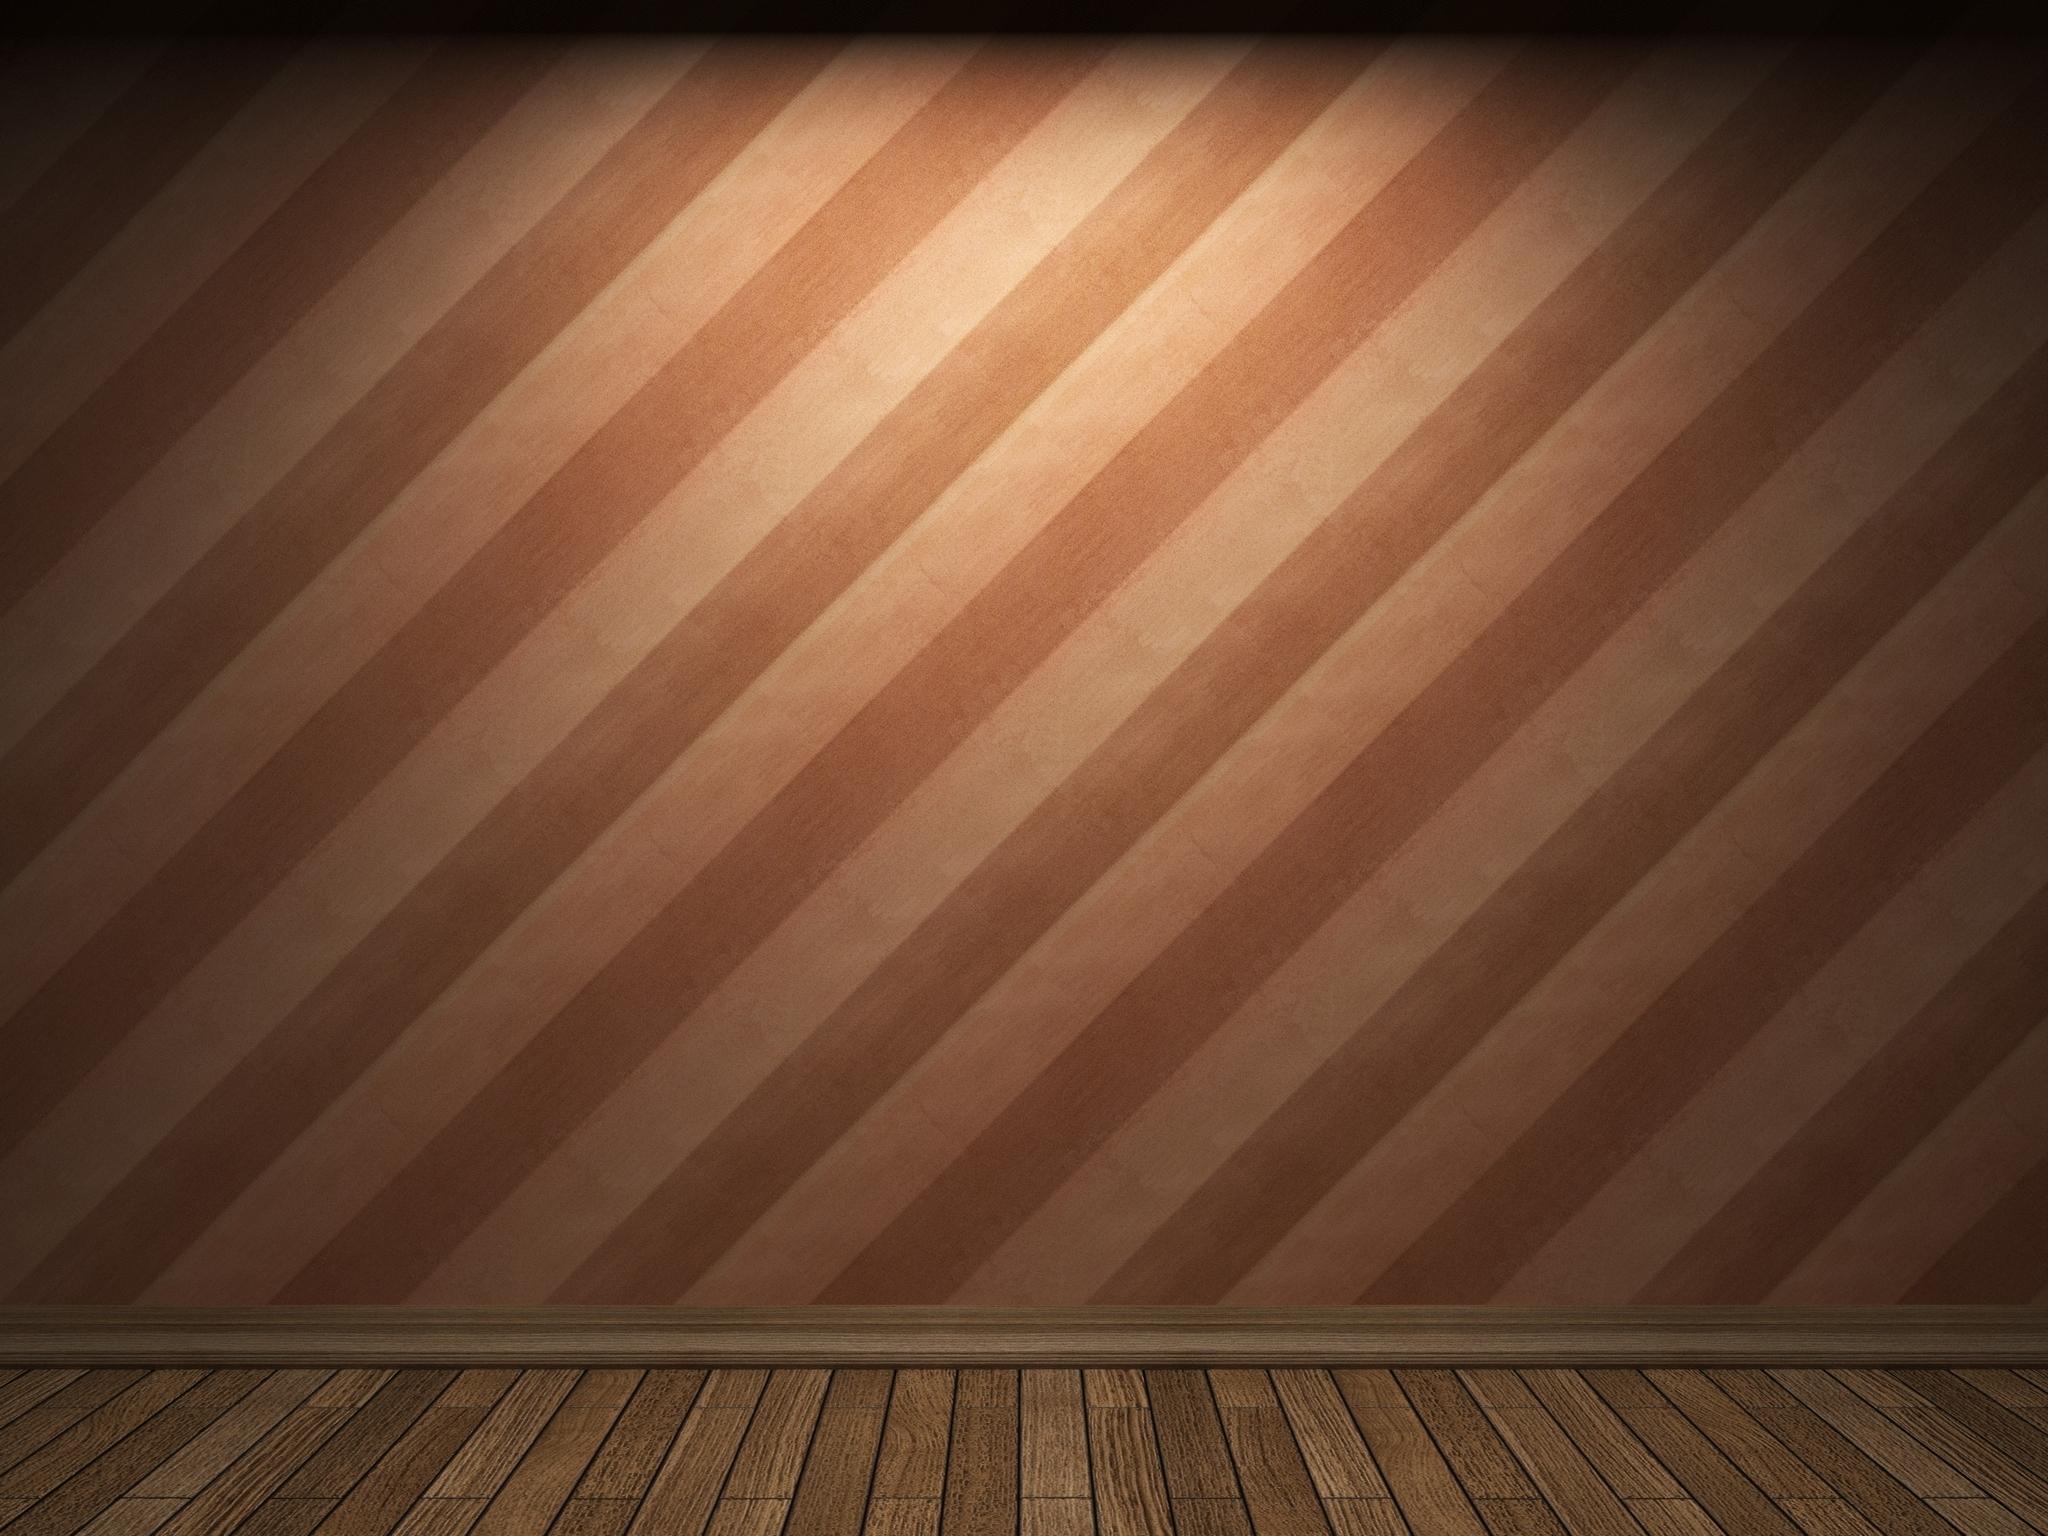 Elegant Wall Design - Wall Design Elegant - 15x15 - Download